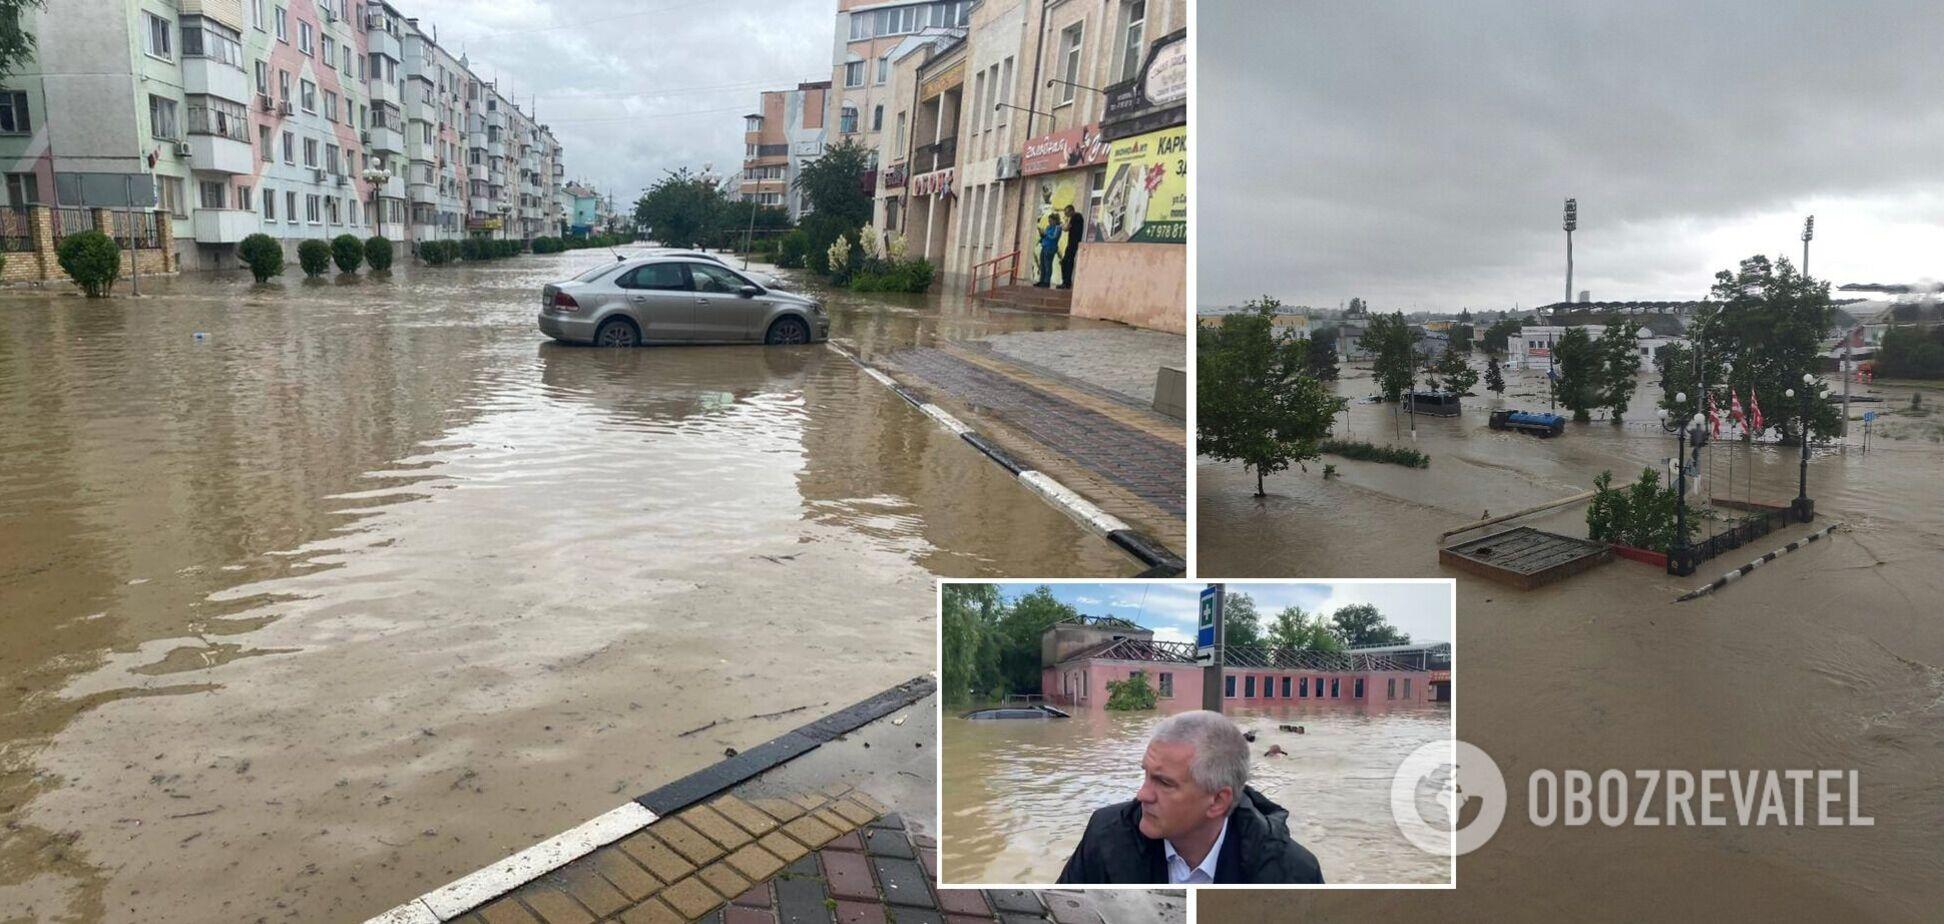 Аксьонов покатався на човні в затопленій після зливи Керчі. Відео